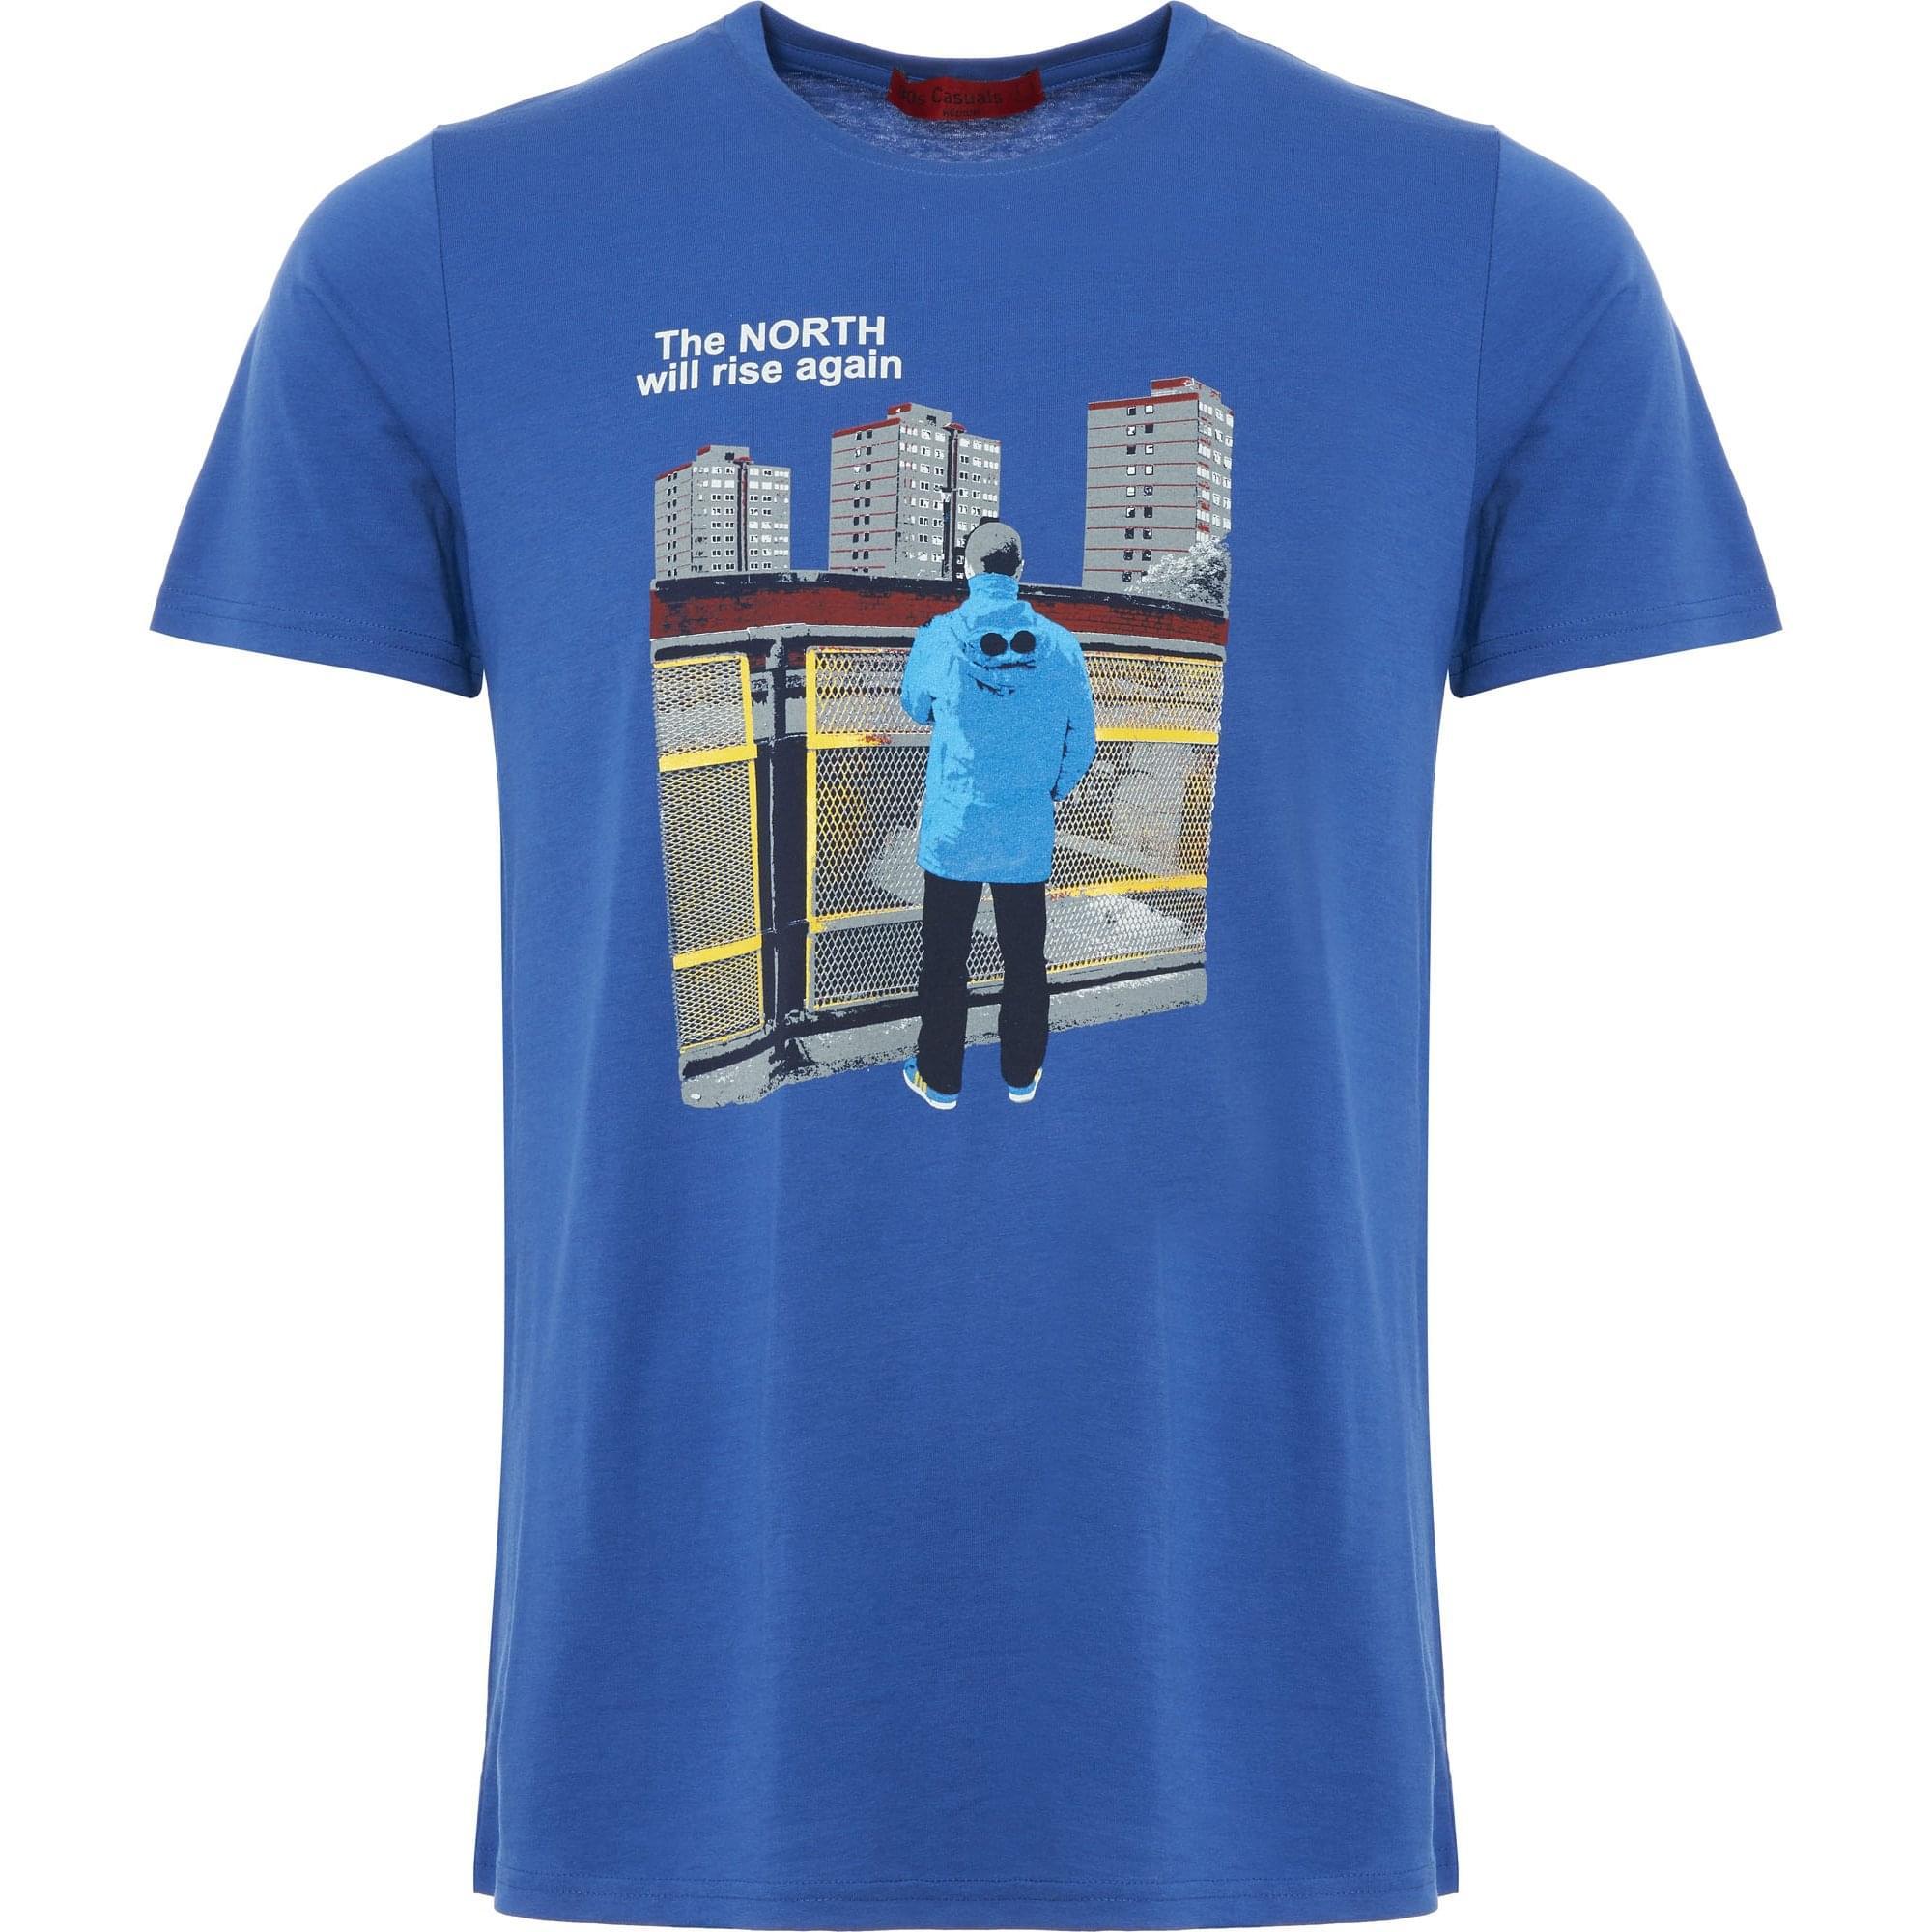 802e4465 Blue The North Will Rise Again T-Shirt